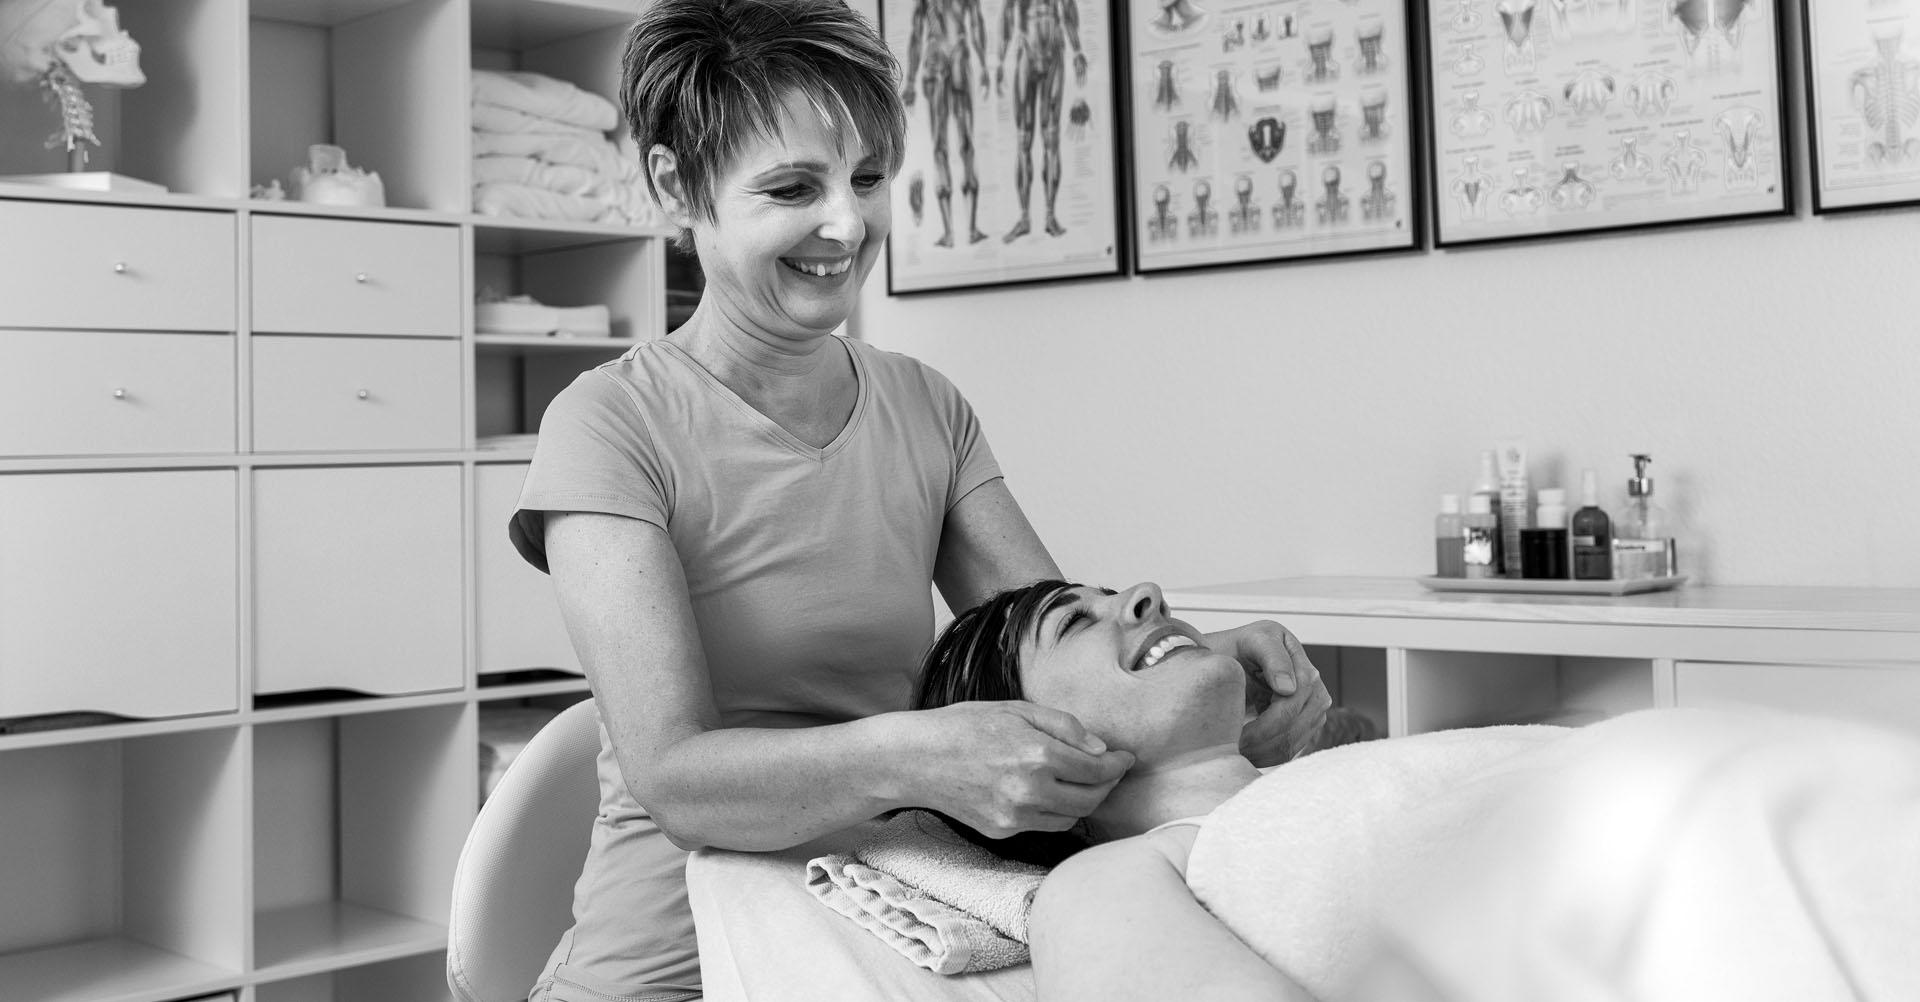 Klientin erhält Lymphdrainage-Behandlung